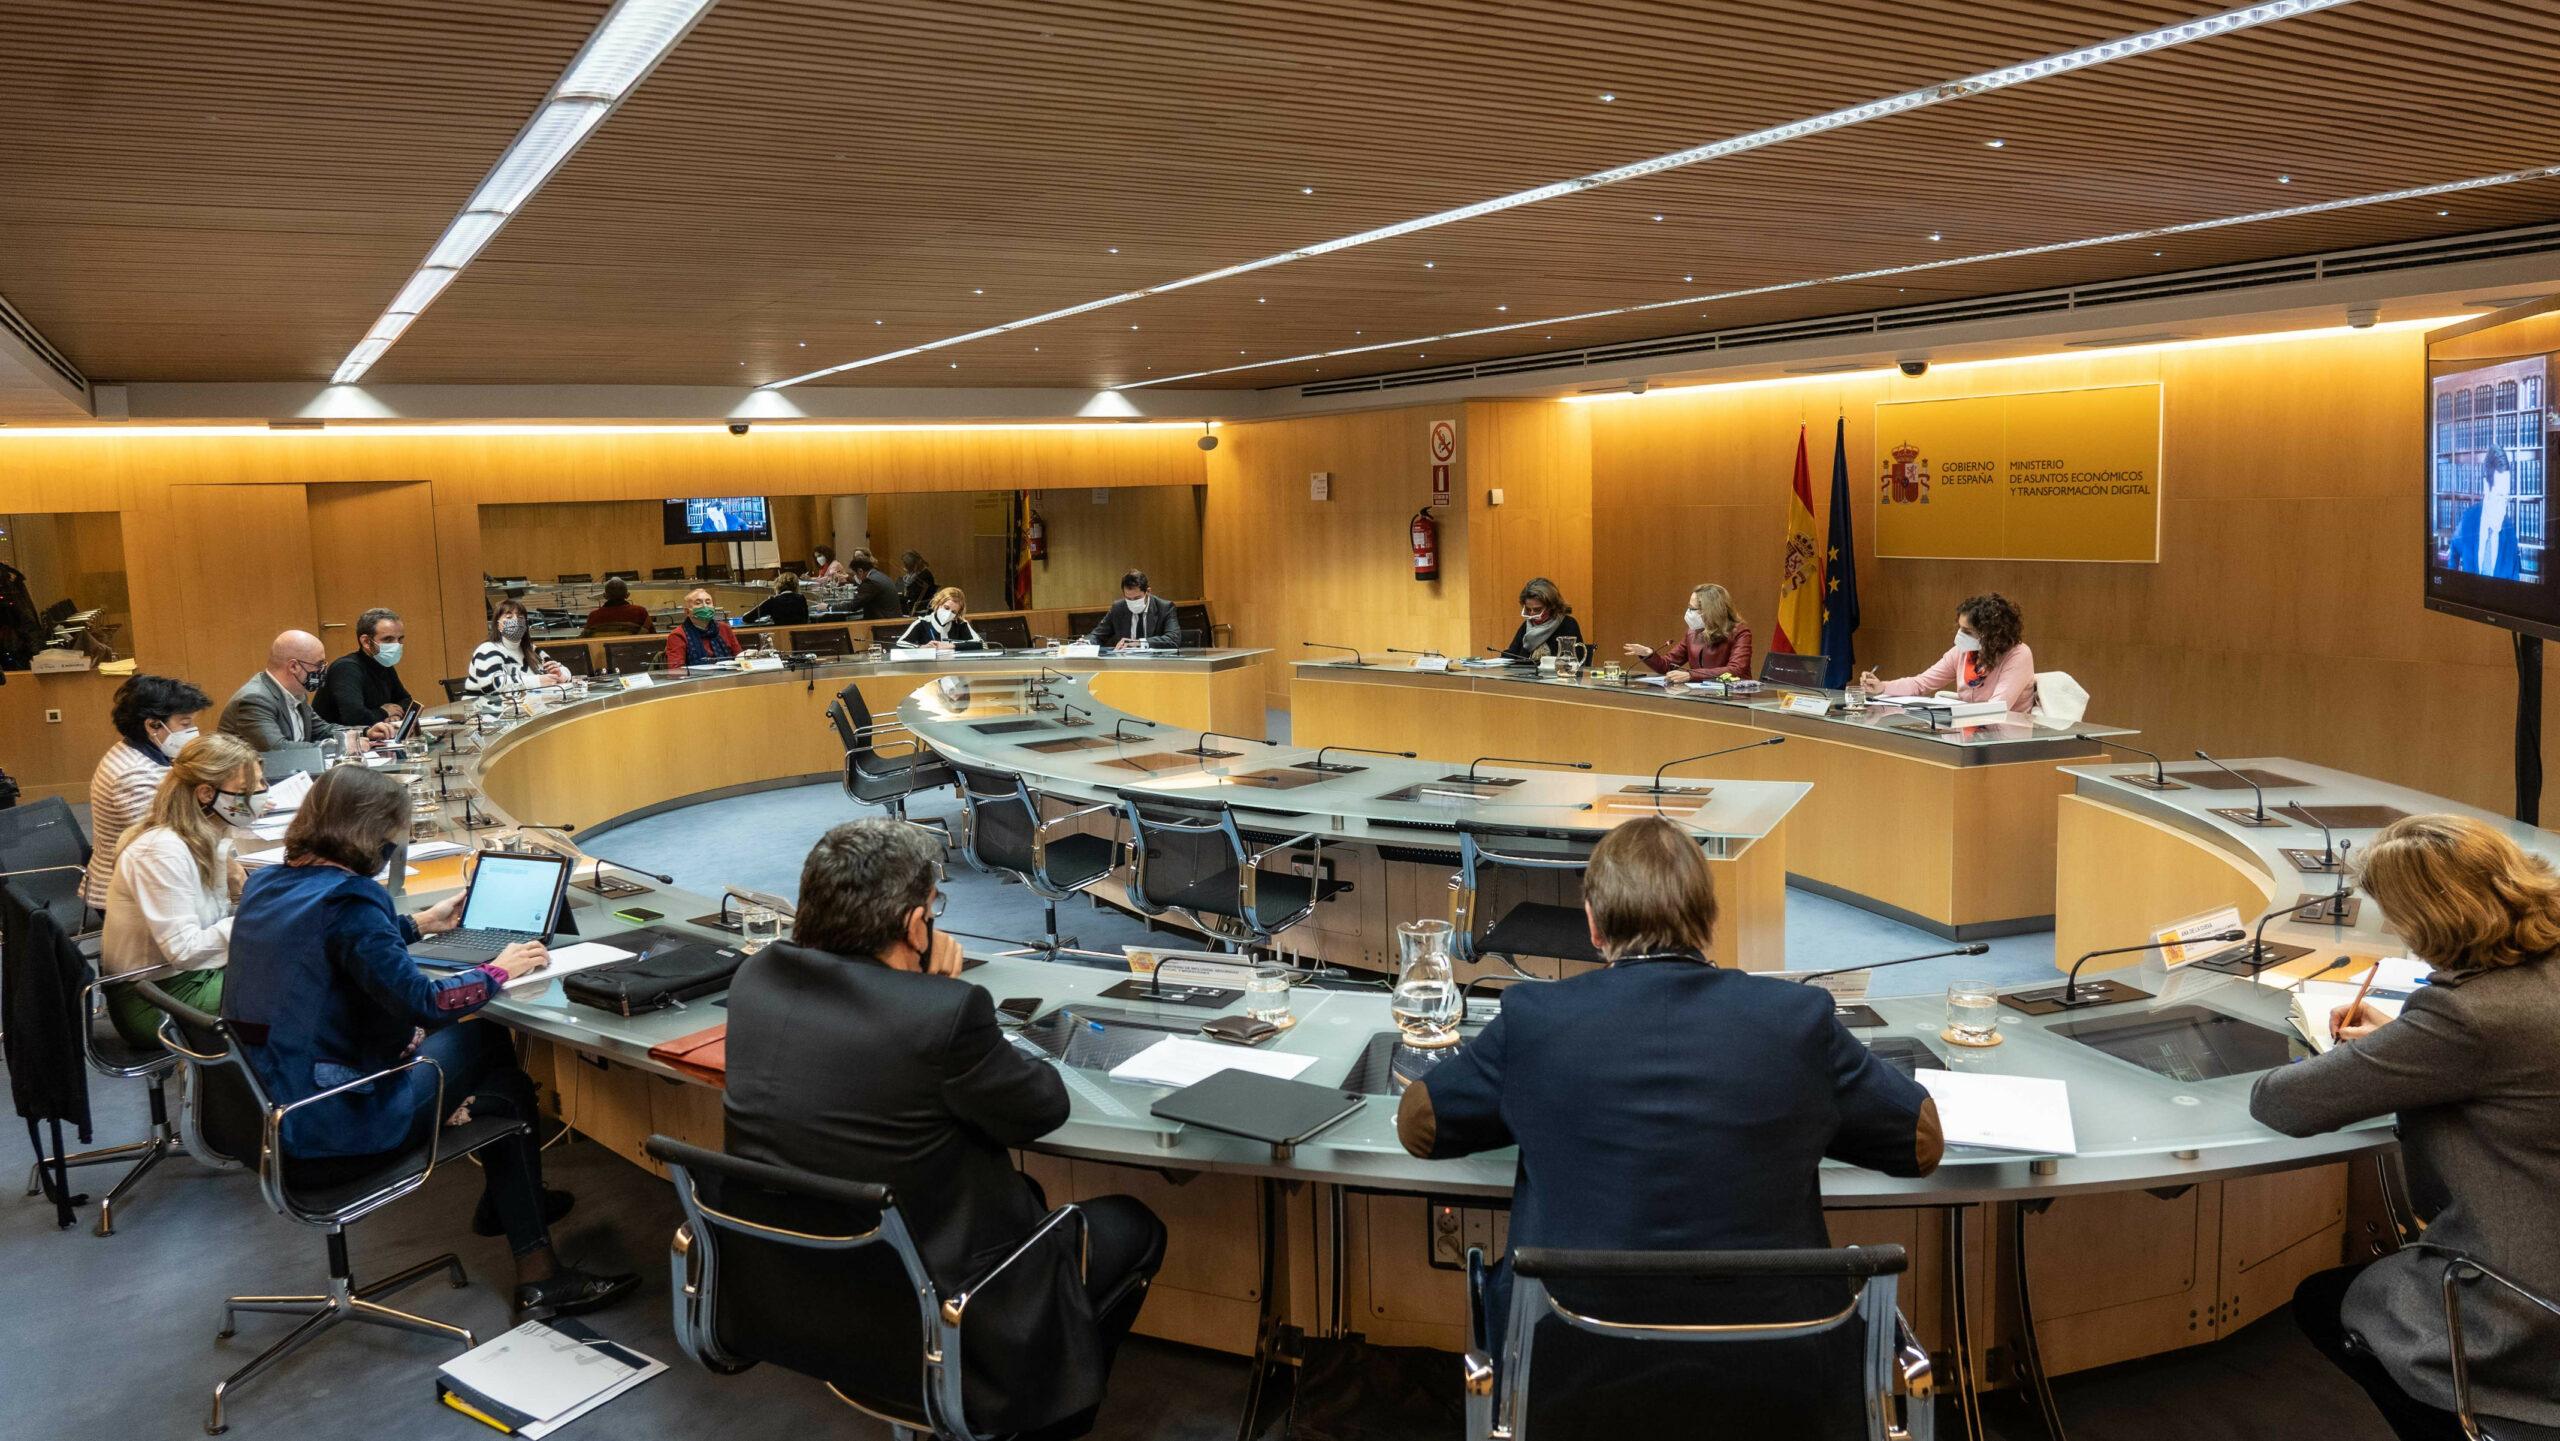 La vicepresidenta econòmica del govern espanyol, Nadia Calviño, presideix la mesa de diàleg social | ACN